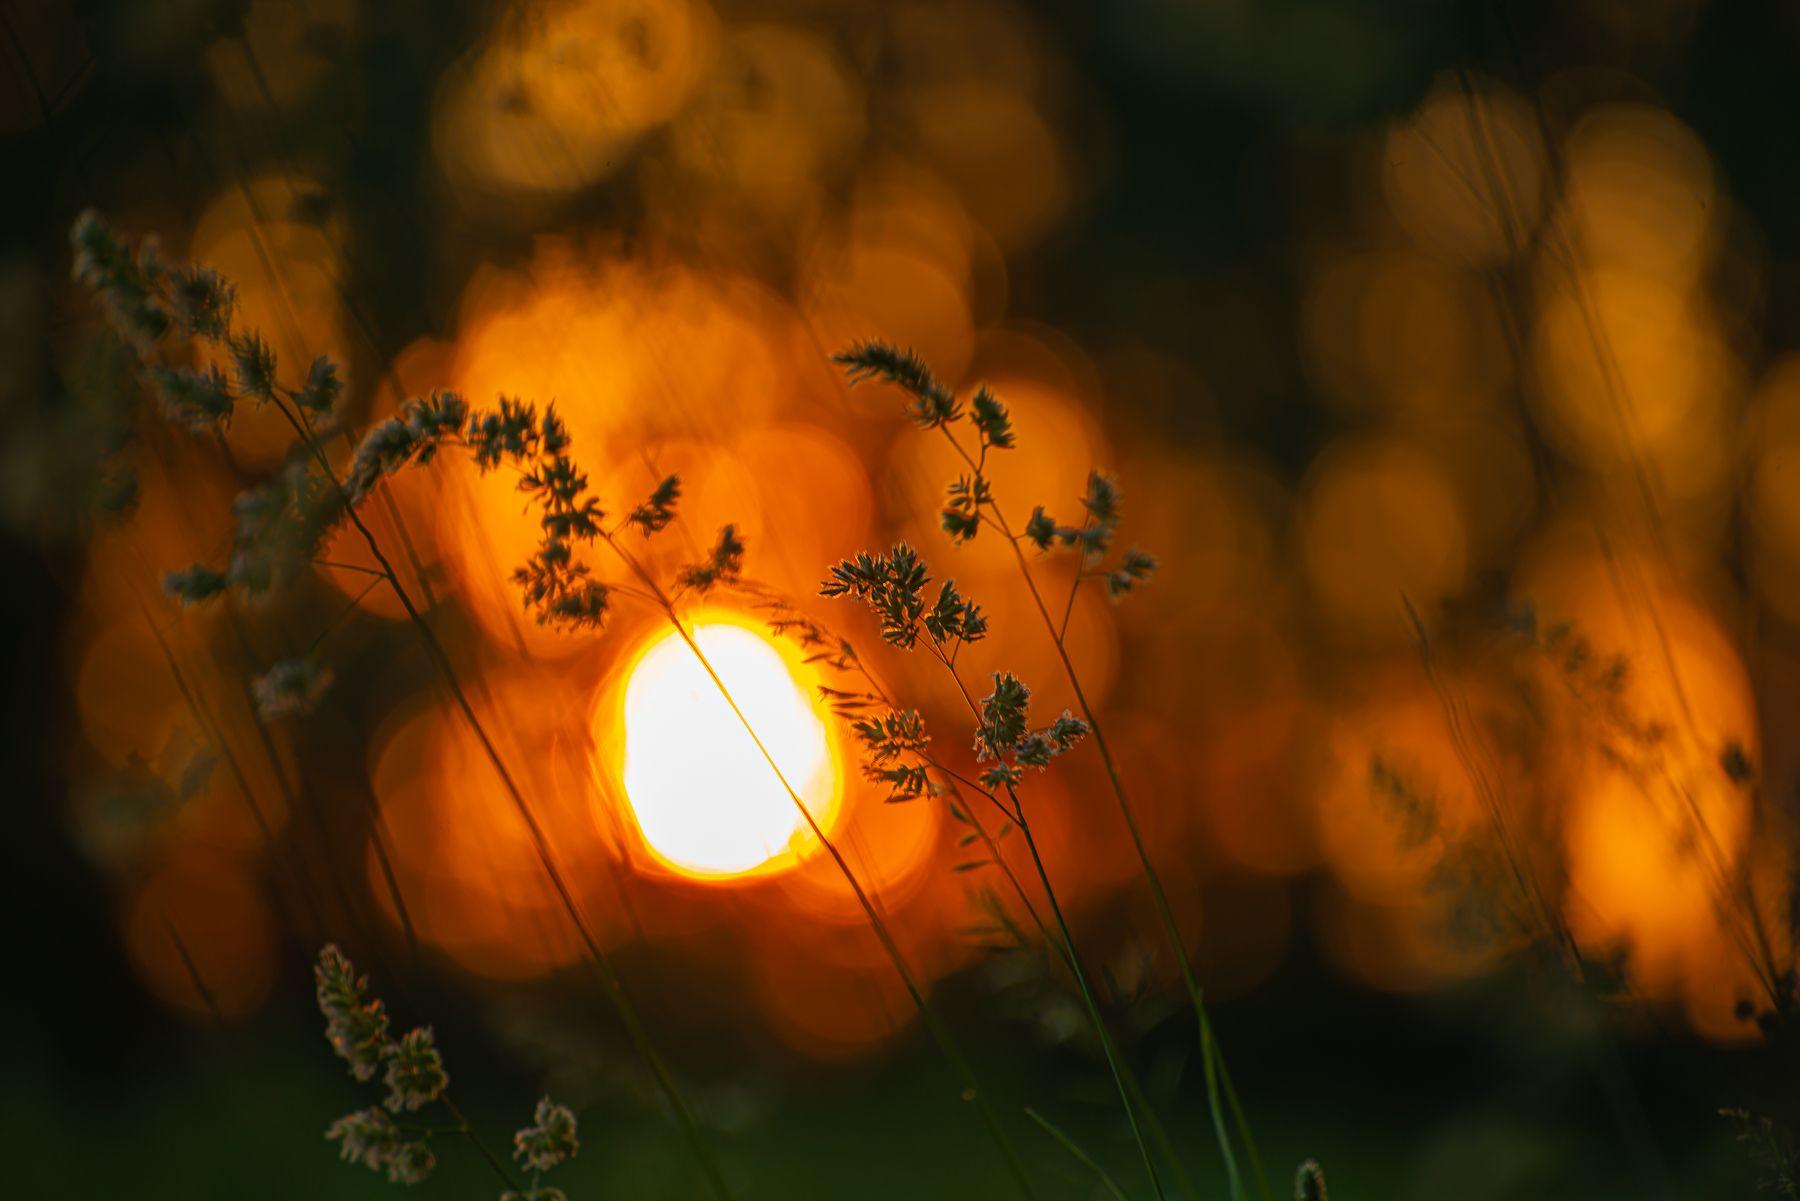 """""""Закатное солнце запуталось в листьях, а на фоне всего вышеперечисленного, видны полевые травы в контражуре"""". задняя подсветка теплый тон сверкающий идиллический прямые солнечные лучи силуэт Сиять ЭКО яркий Цвет пейзажи цветное изображение рассвет лес дерево растение вечер Натуральные ветка листья светиться флора сцена цветочный фото клен небо Красный сезонный за"""